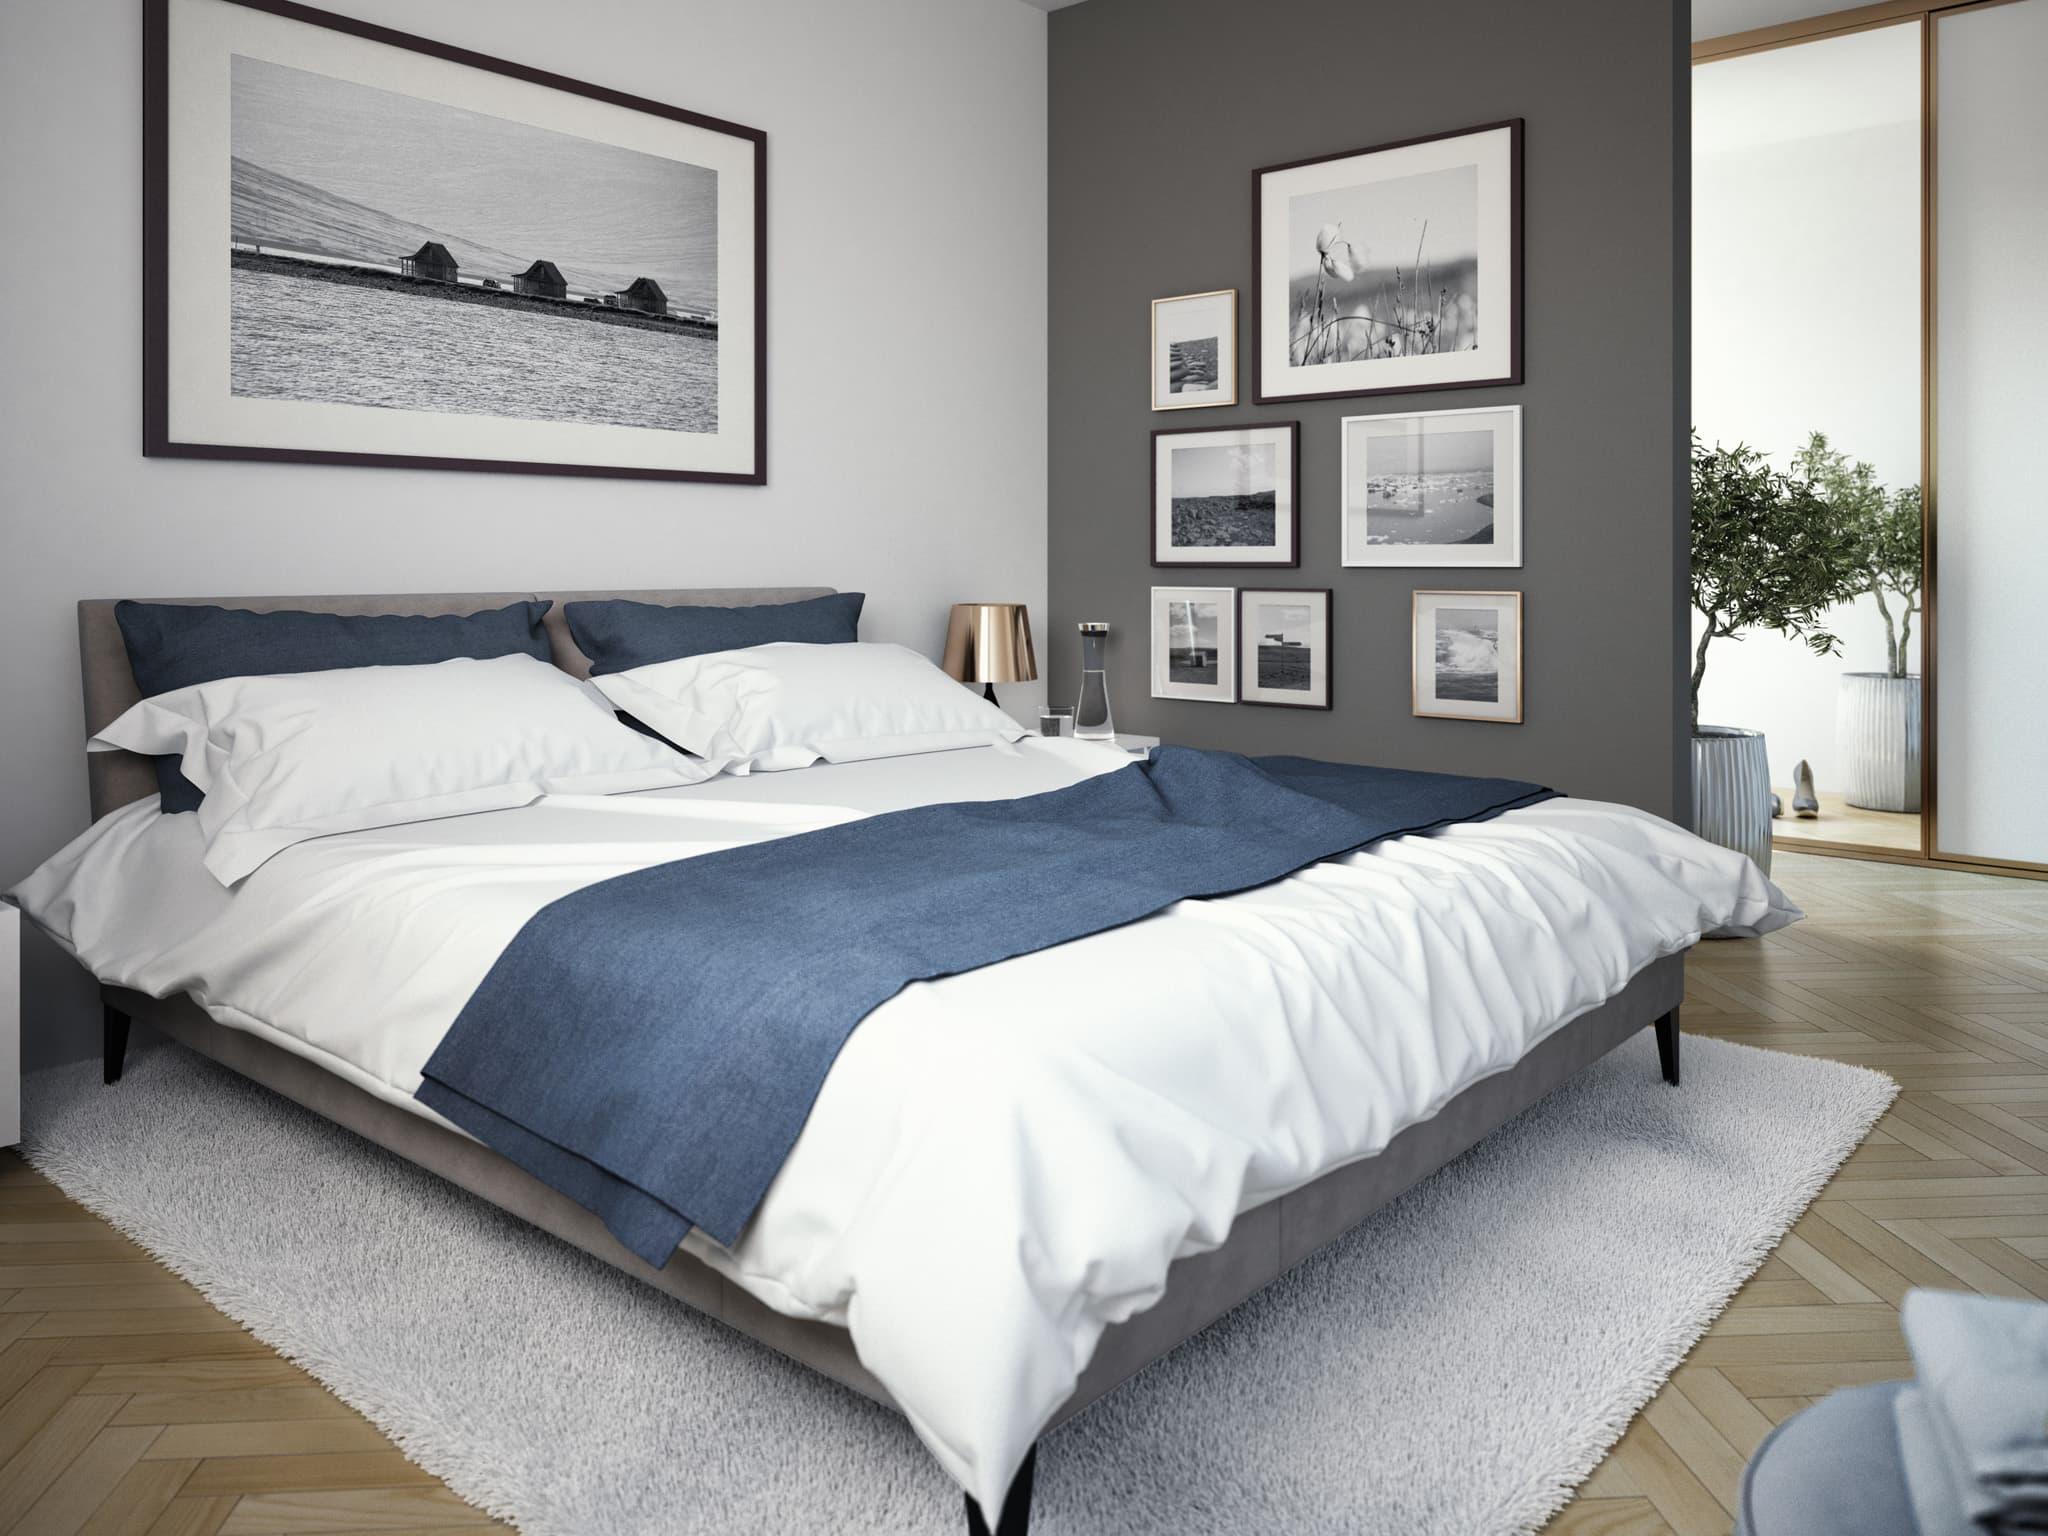 Schlafzimmer Ideen - Inneneinrichtung Fertighaus SOLUTION 204 V8 von Living Haus - HausbauDirekt.de